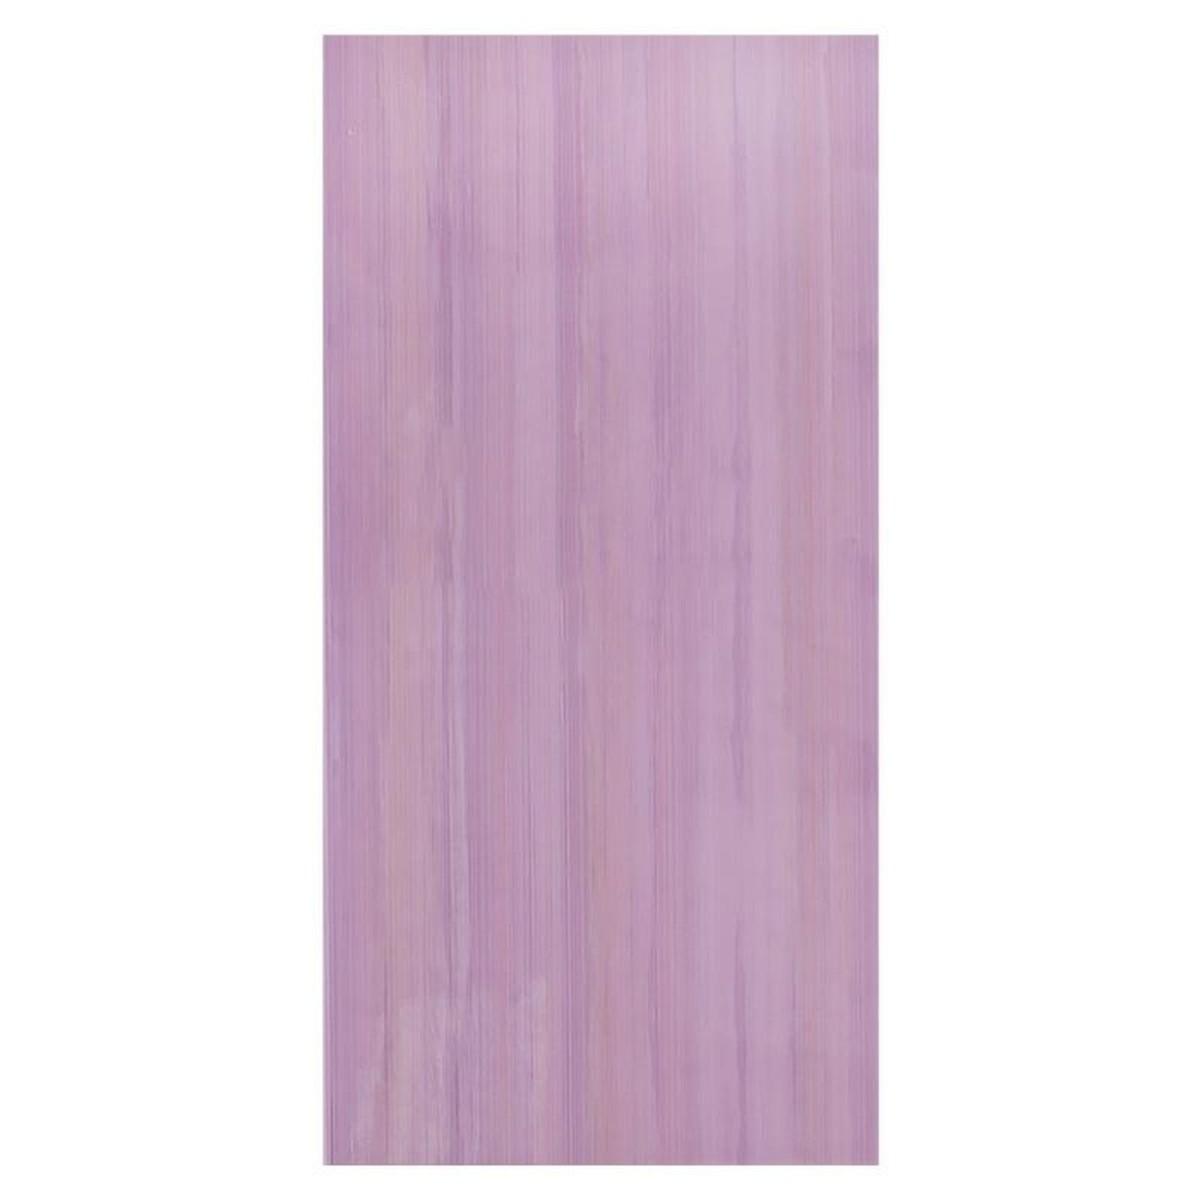 Плитка настенная Flamingo lilac 25х50 см 1 м2 цвет фиолетовый